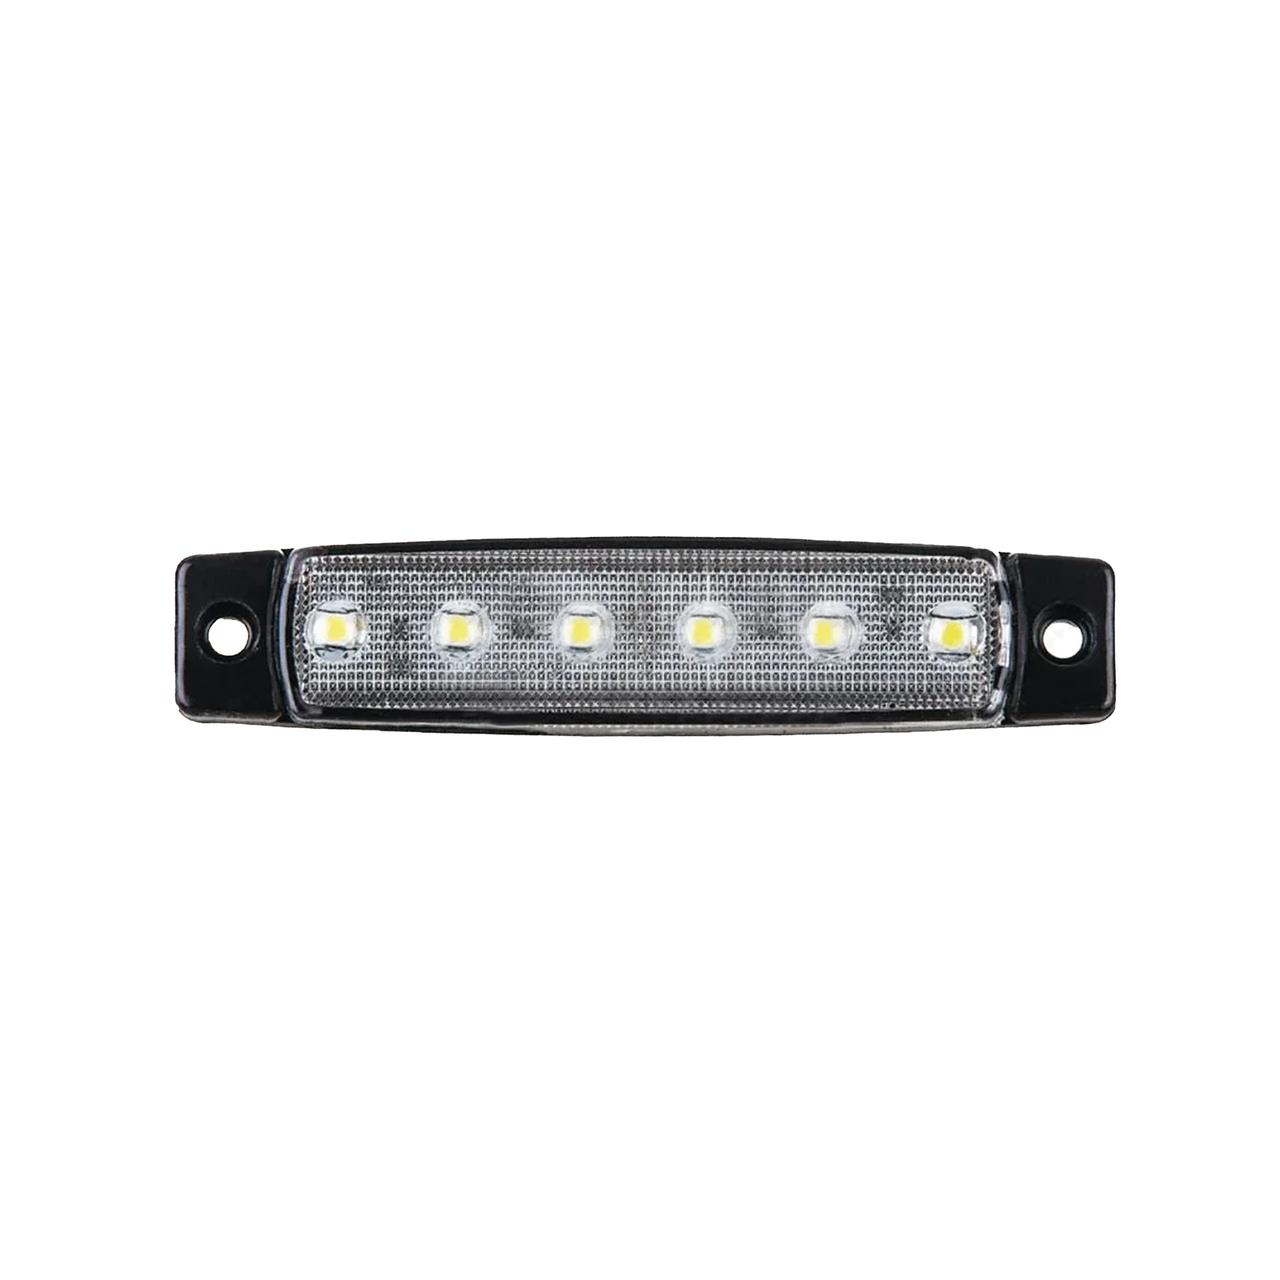 Габаритный фонарь светодиодный Белый 24v 6LED NOKTA